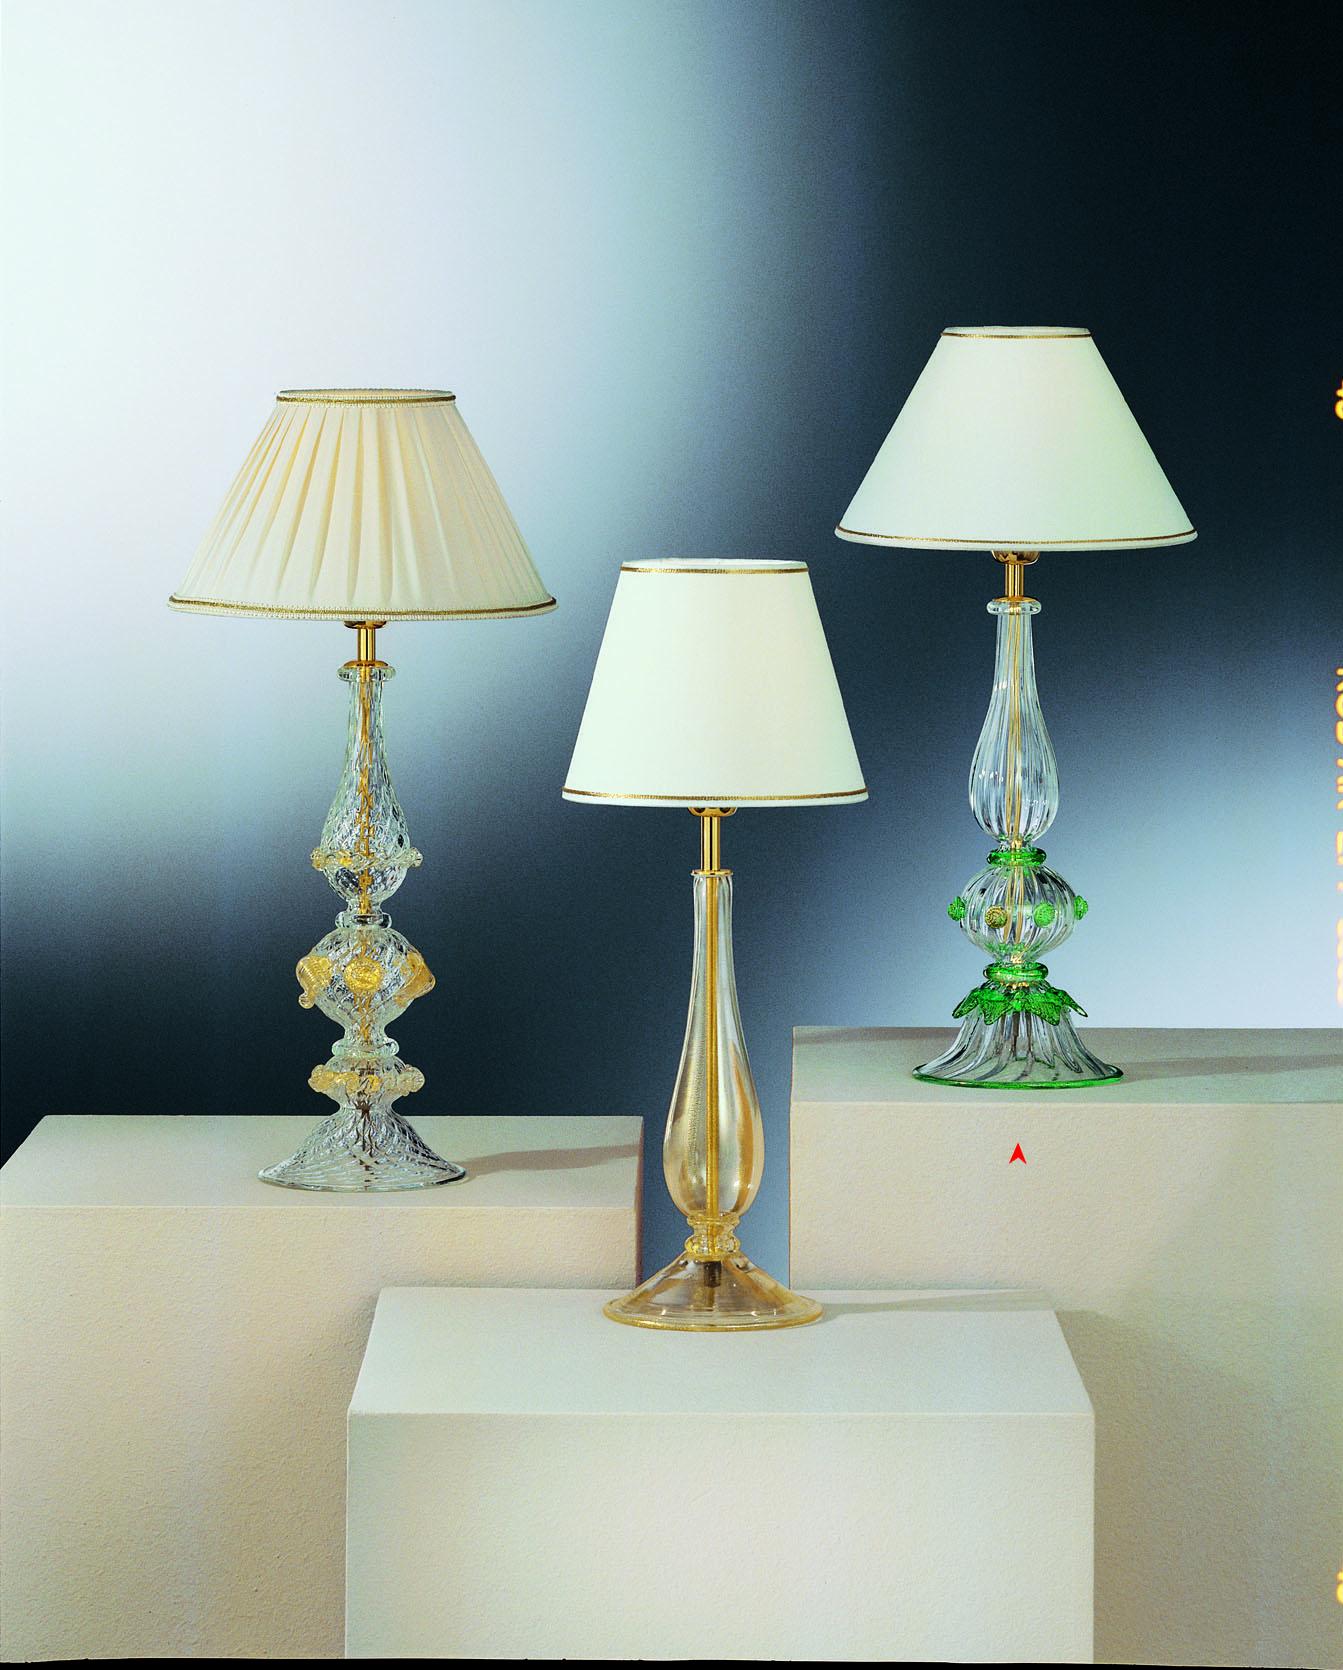 Alava Lampada Da Tavolo In Vetro Murano Made Murano Glass